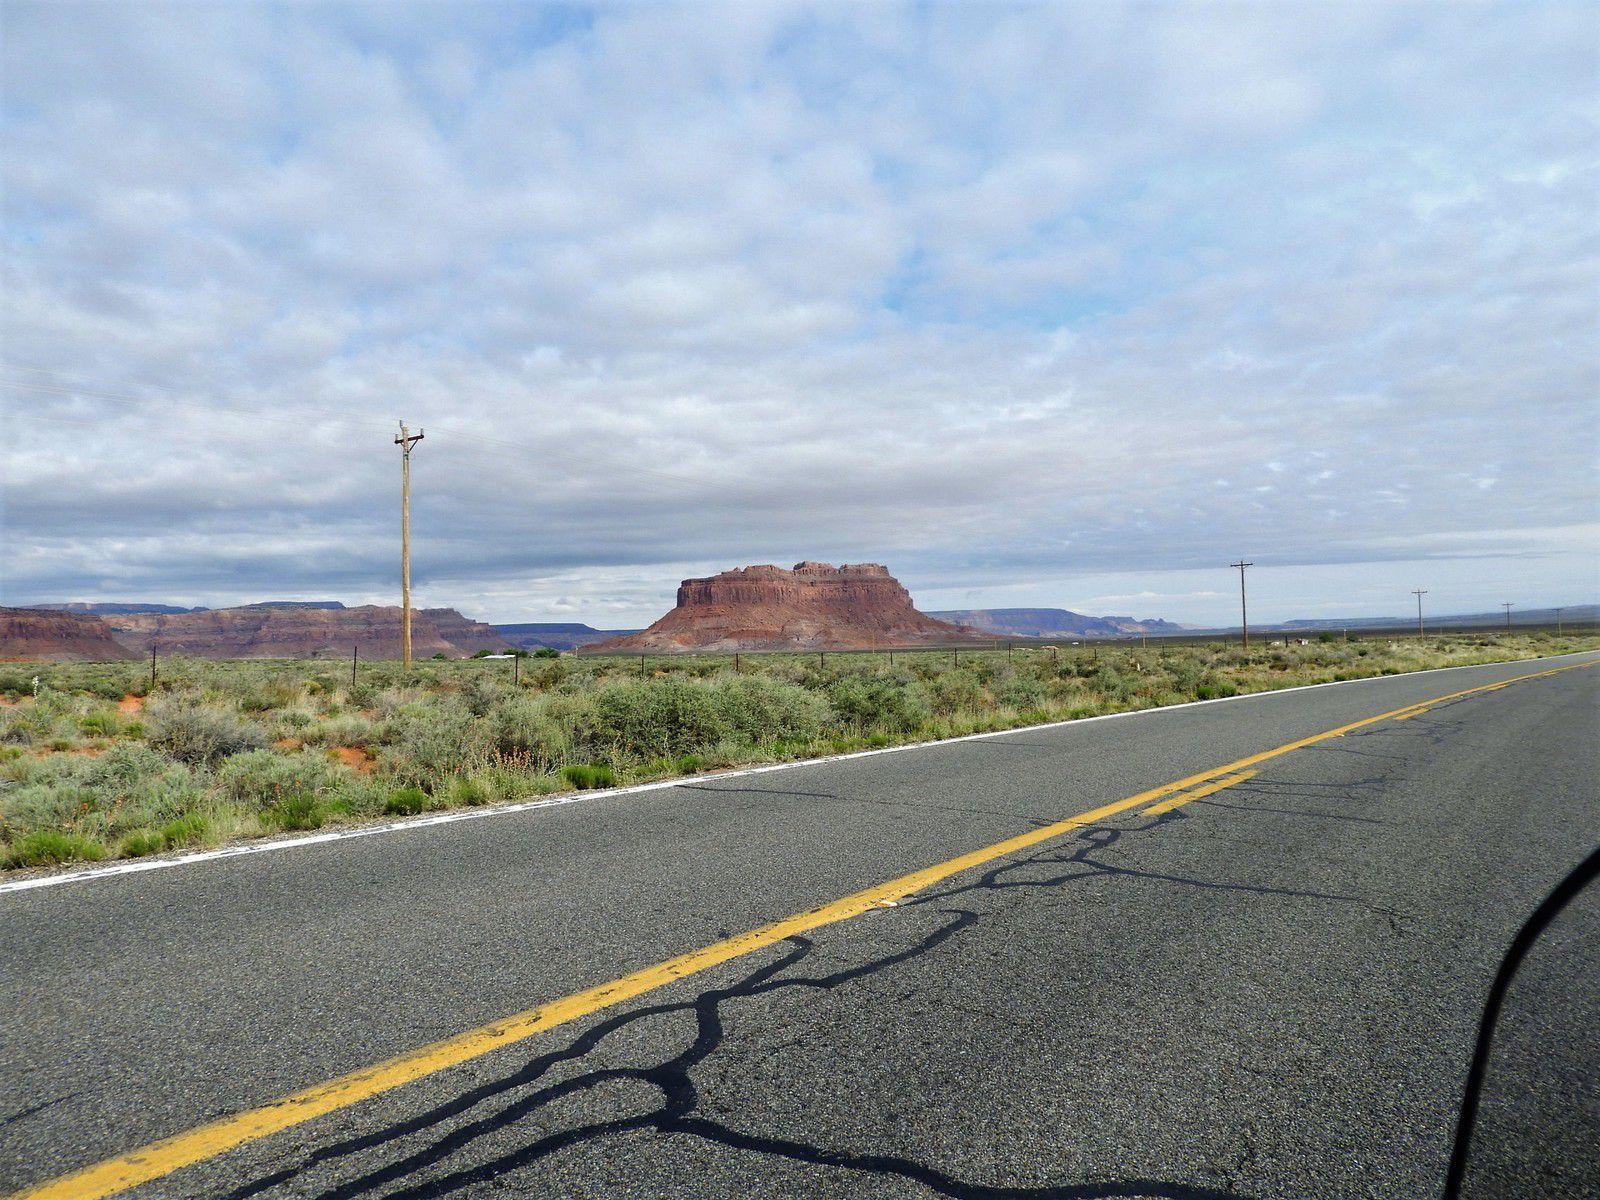 Goldwing Unsersbande - Un couple et une moto dans le Wild West américain 06 jour -  De Kayenta, monument Valley à Moab